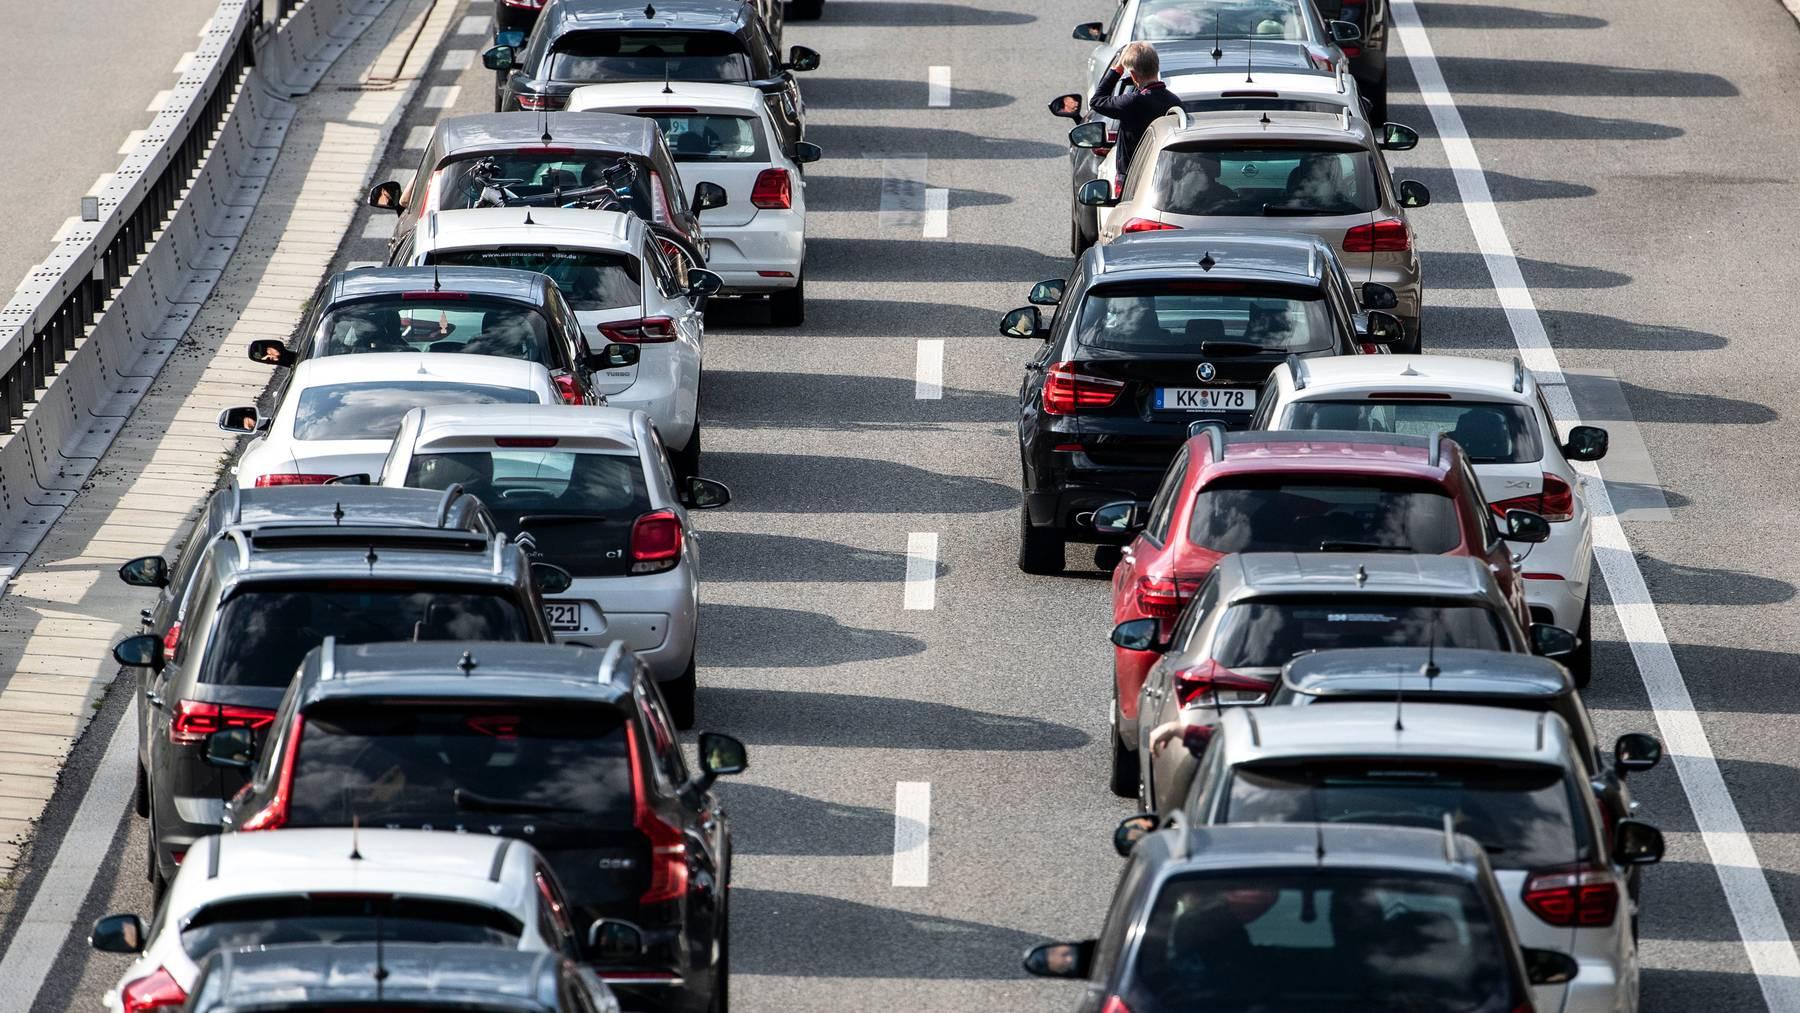 Auf der A1 und der A2 in Zürich, Winterthur oder Luzern kommt es am häufigsten zu Stau. (Symbolbild)